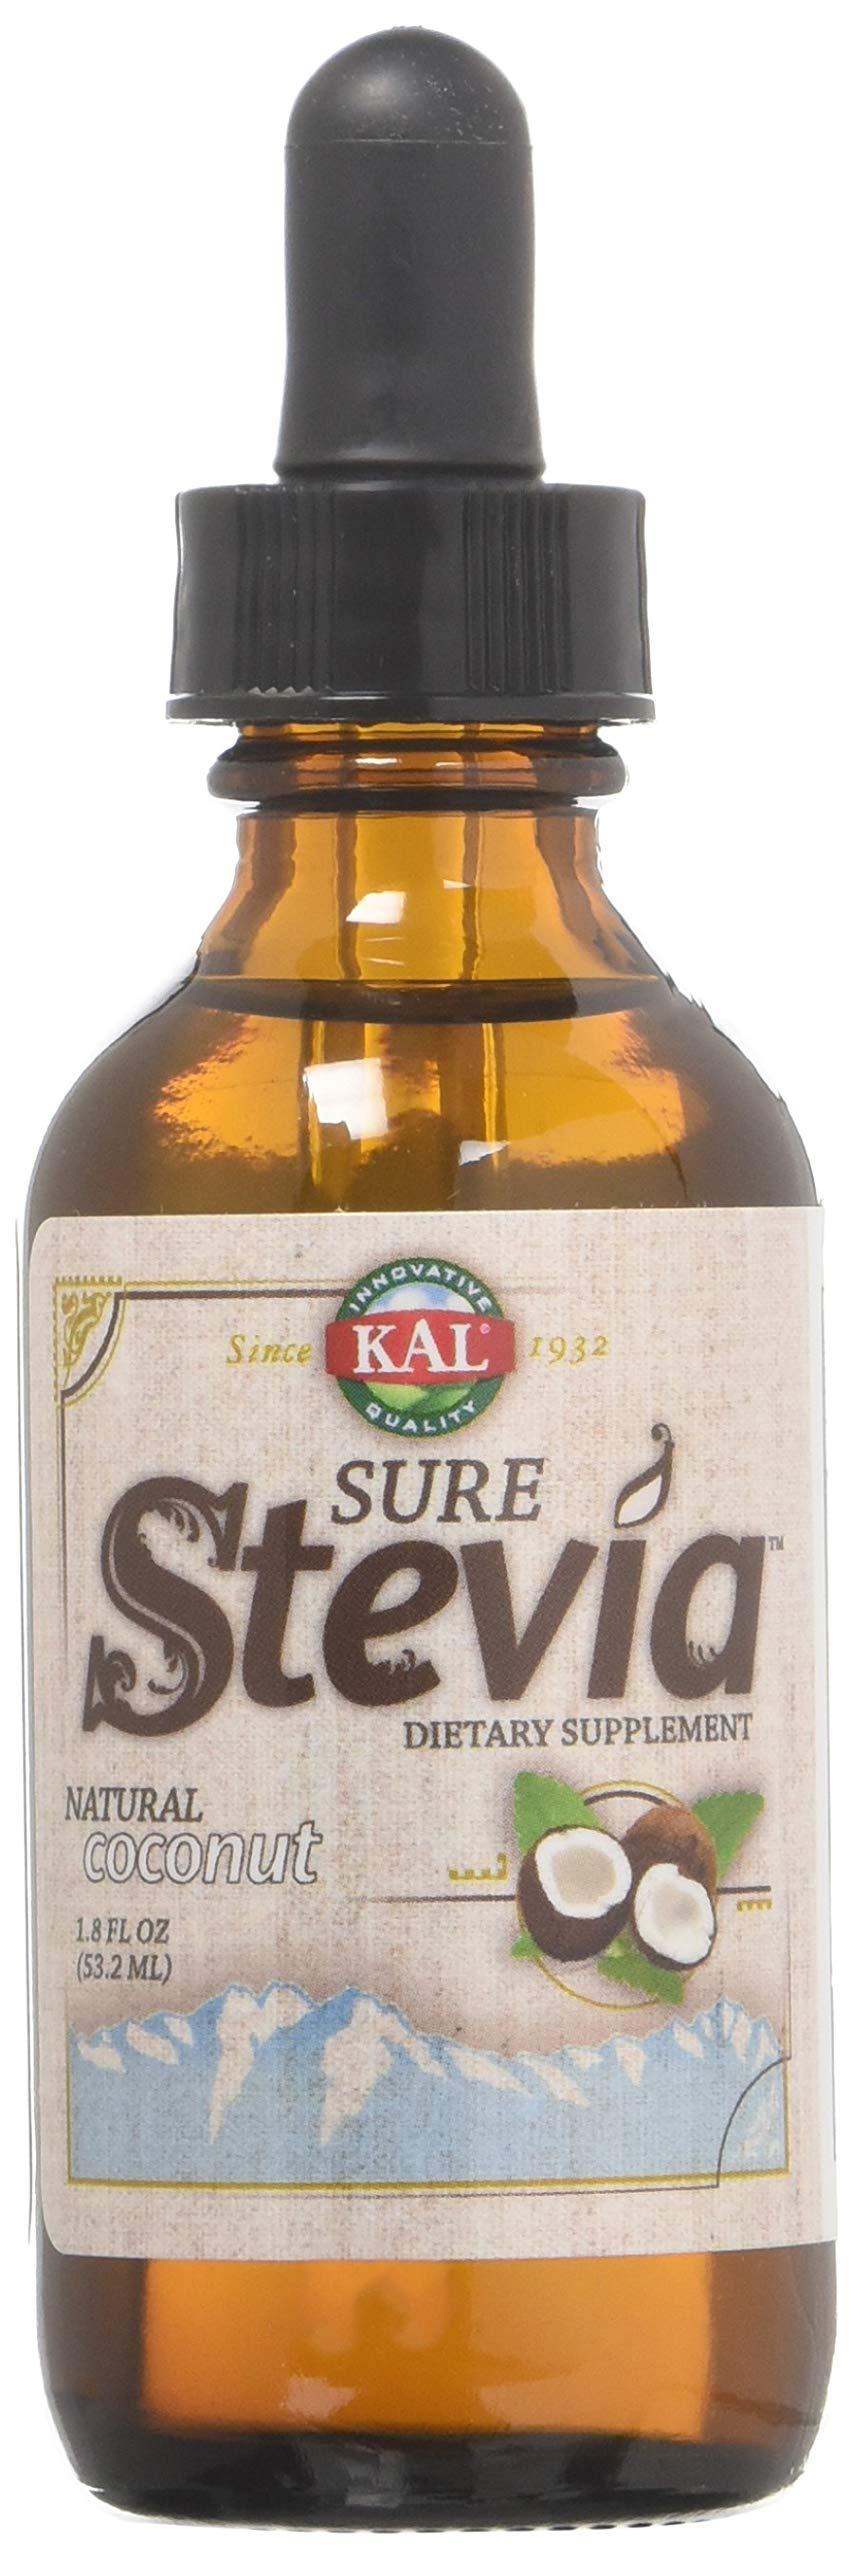 KAL Pure Stevia Extract, Coconut, 1.8 Fluid Ounce